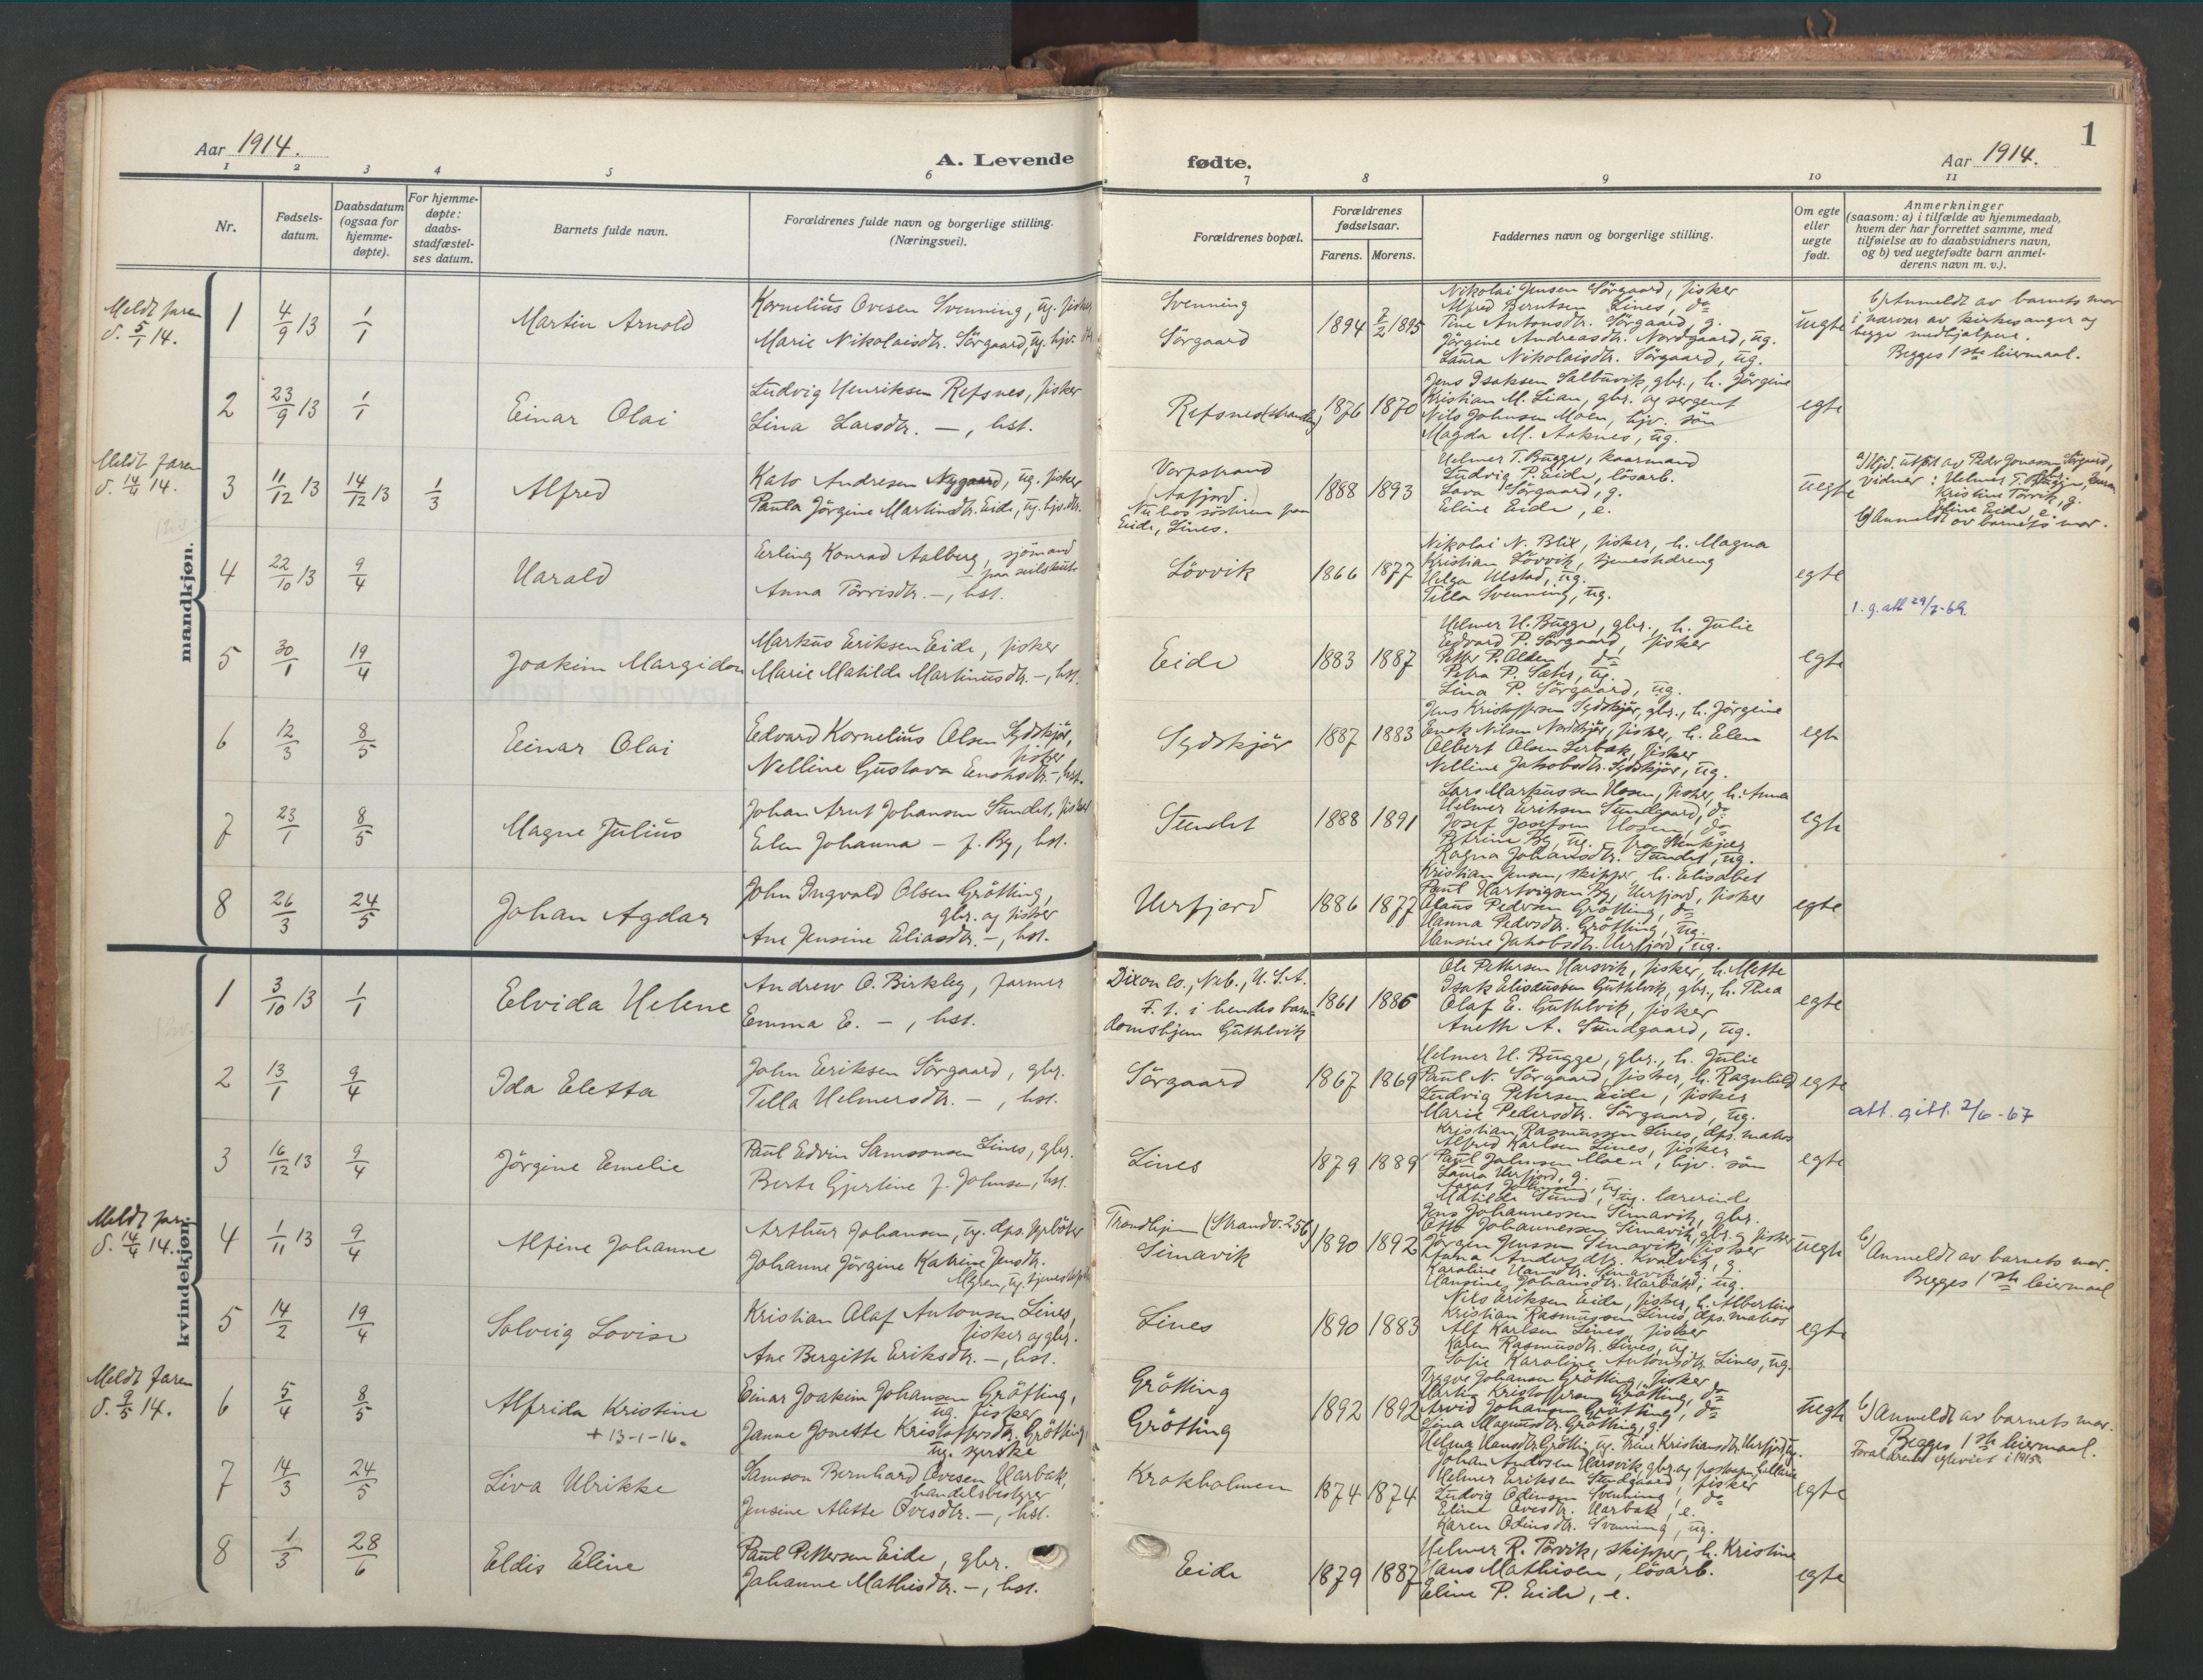 SAT, Ministerialprotokoller, klokkerbøker og fødselsregistre - Sør-Trøndelag, 656/L0694: Ministerialbok nr. 656A03, 1914-1931, s. 1